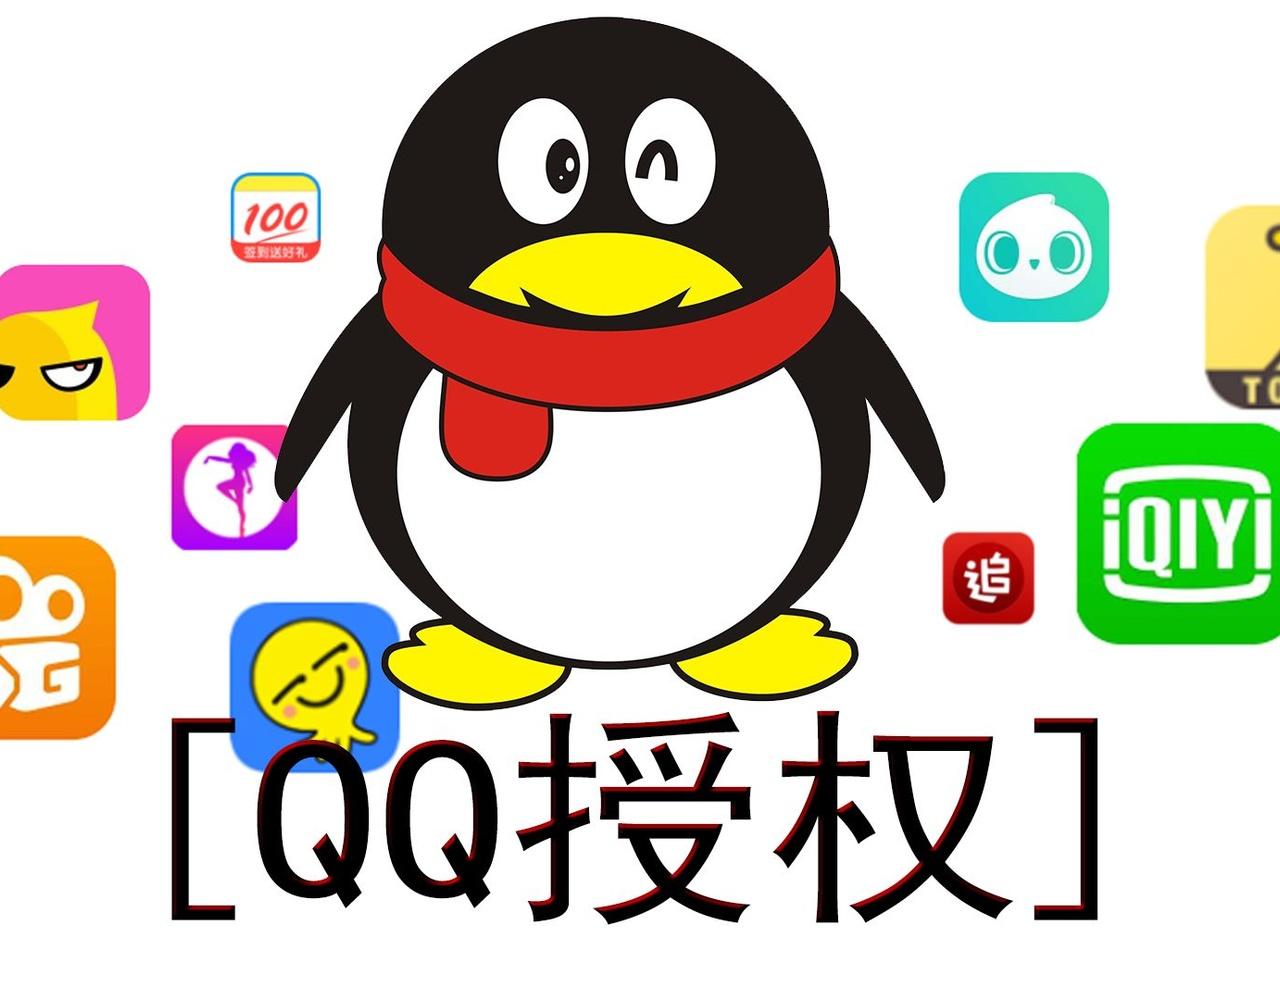 你的QQ竟然注册过那么多网站,教你一招轻松取消授权